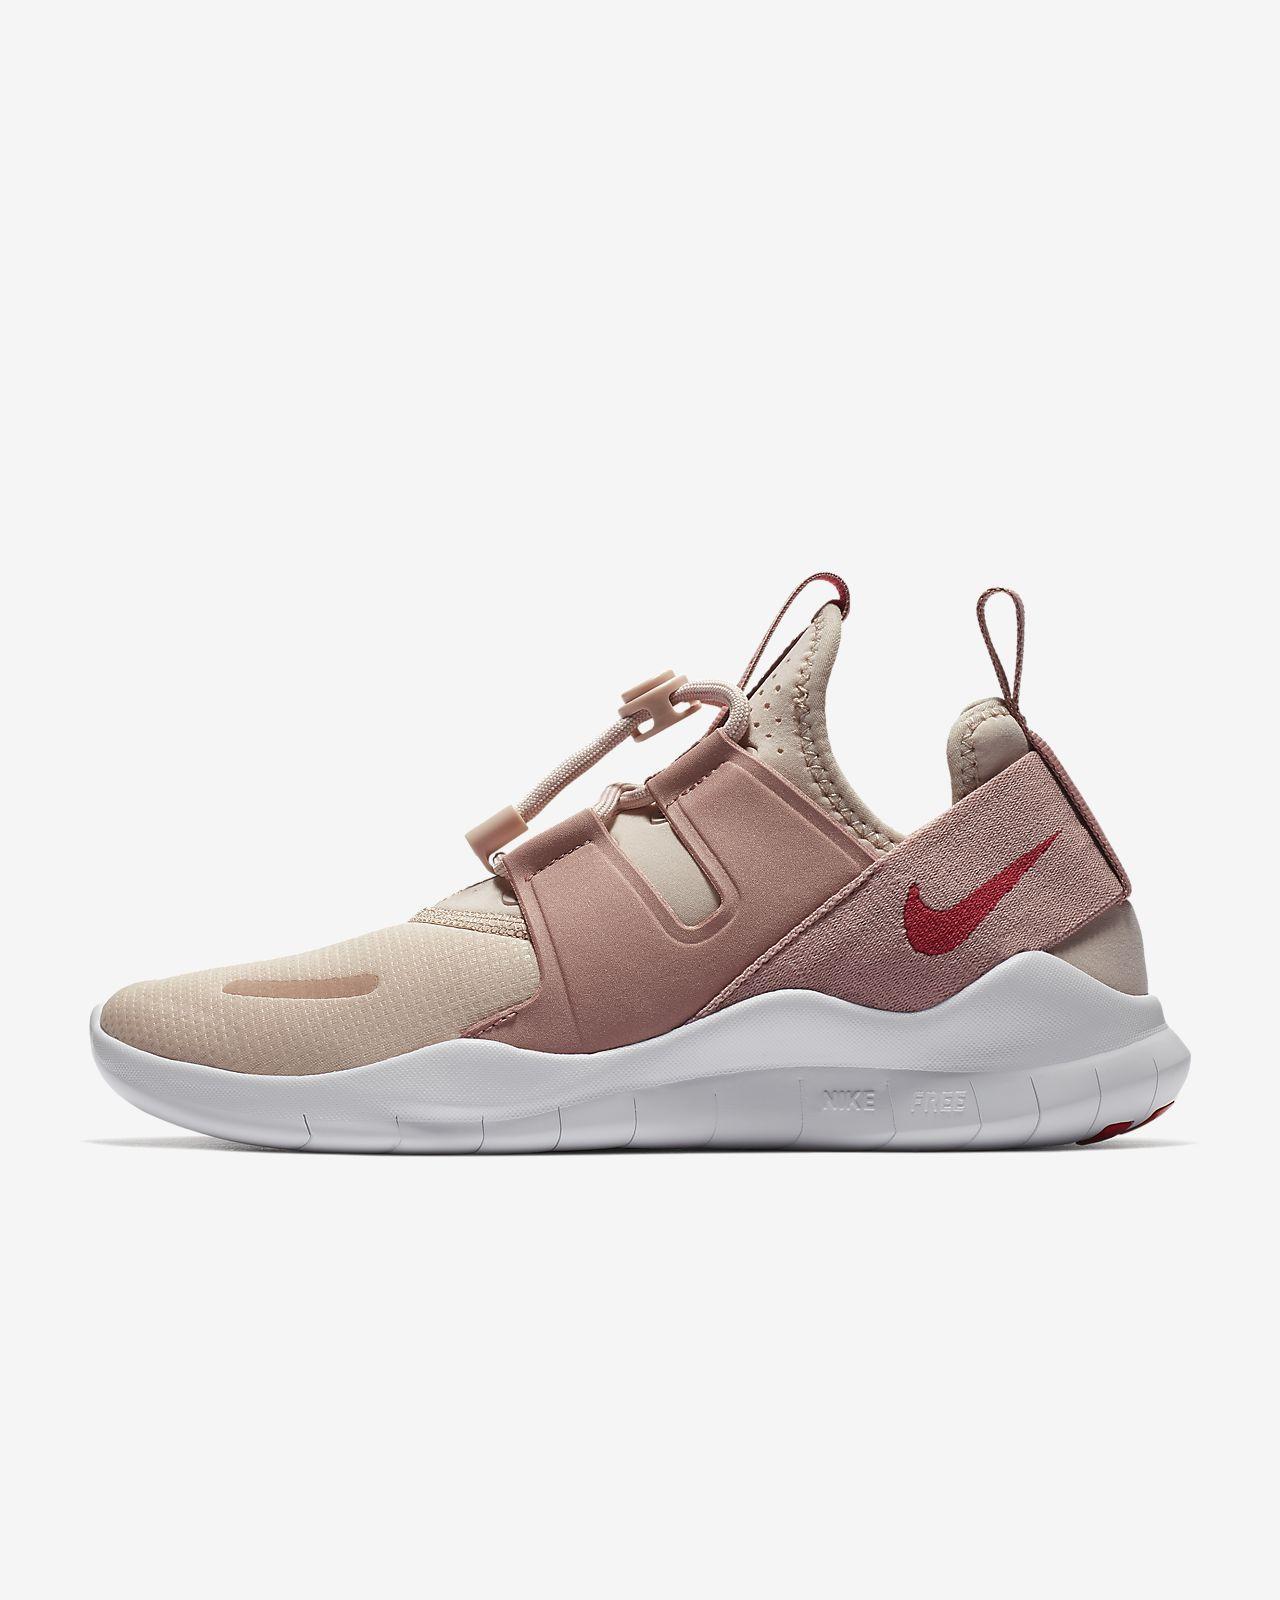 Nike Free Rn Commuter 2018 Women S Running Shoe Nike Running Shoes Women Running Shoes Nike Free Womens Running Shoes